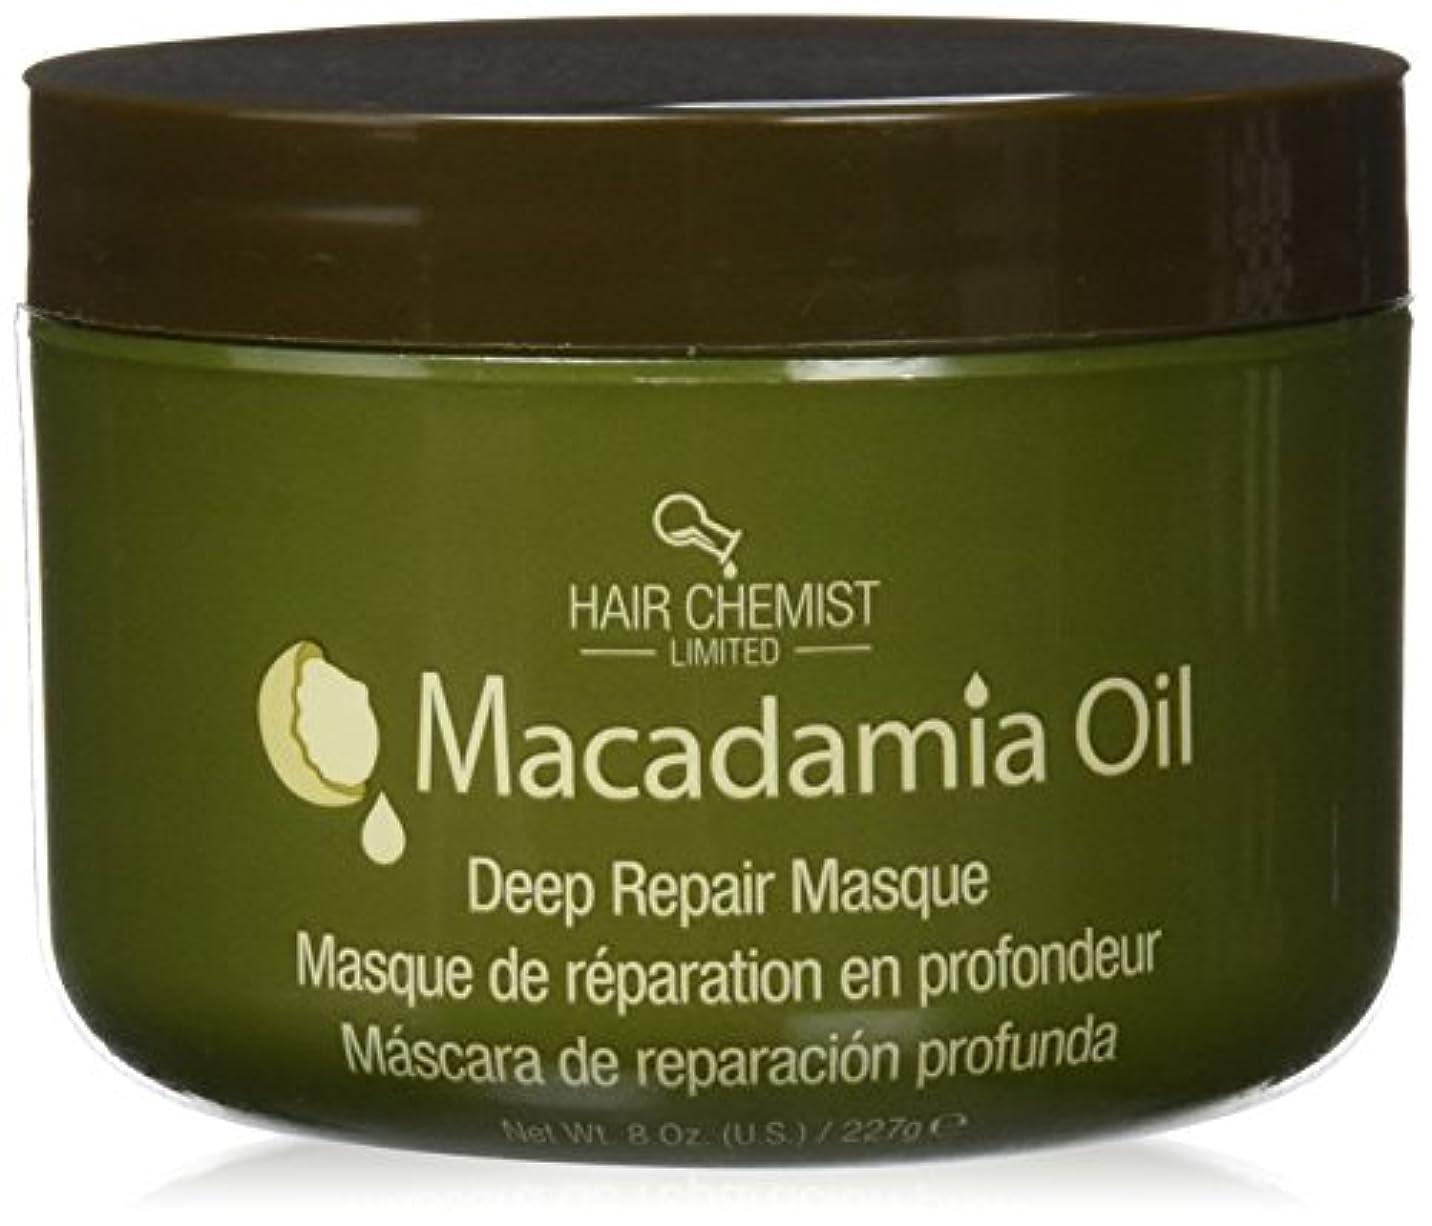 放課後ネックレス根拠Hair Chemist ヘアマスク マカダミア オイル ディープリペアマスク 227g Macadamia Oil Deep Repair Mask 1434 New York